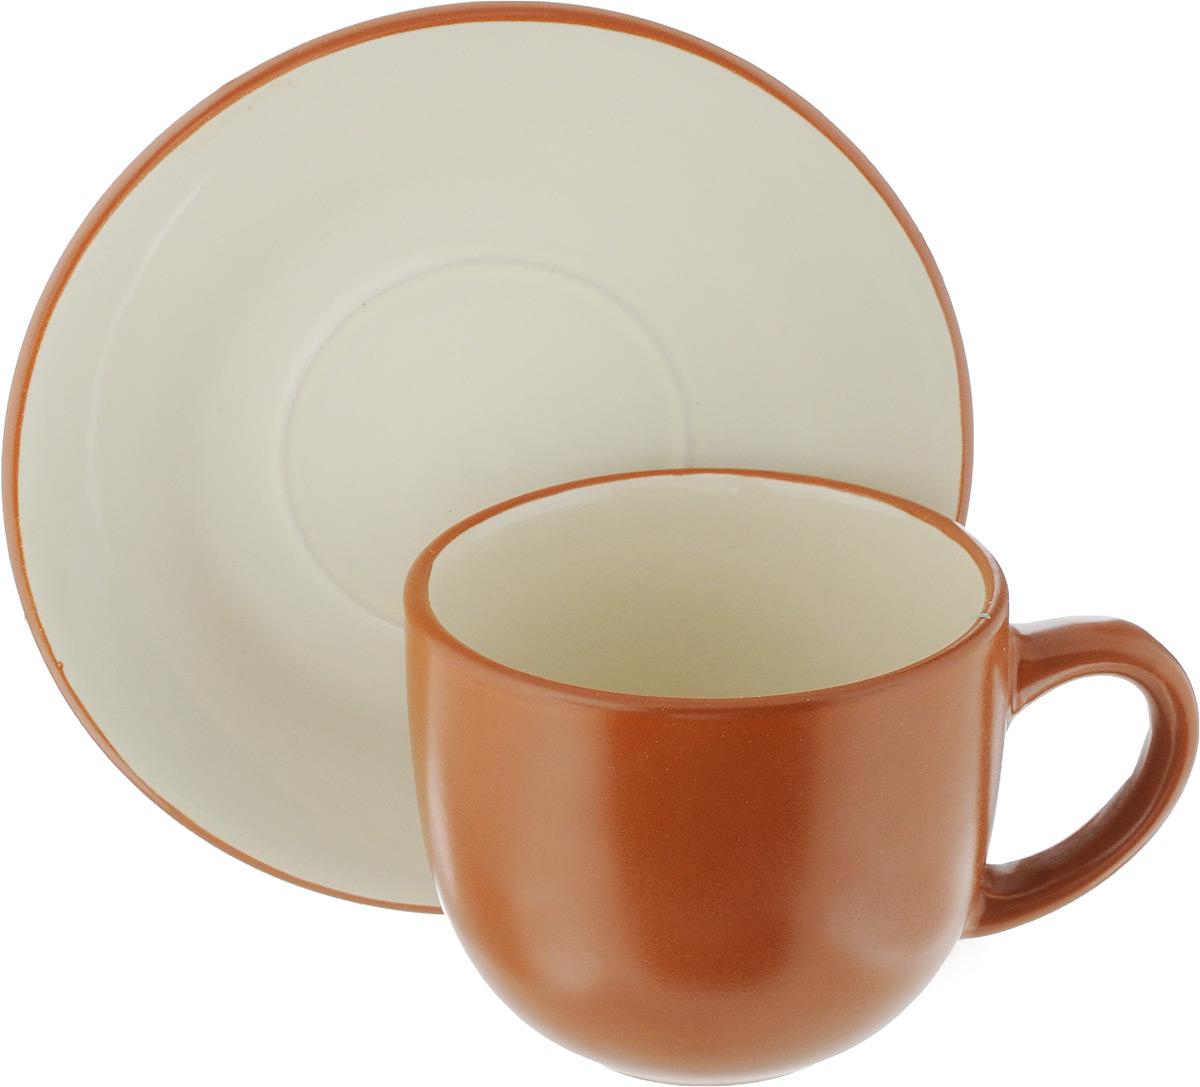 Чайная пара Ломоносовская керамика, 2 предмета. 1ЧП-220ТК1ЧП-220ТКЧайная пара Ломоносовская керамика состоит из чашки и блюдца. Изделия, выполненные из высококачественной глины с глазурованным покрытием, имеют элегантный дизайн. Такая чайная пара прекрасно подойдет как для повседневного использования, так и для праздников. Объем чашки: 200 мл. Диаметр чашки (по верхнему краю): 8,5 см. Высота чашки: 7 см.Диаметр блюдца: 14,5 см.Высота блюдца: 1,7 см.